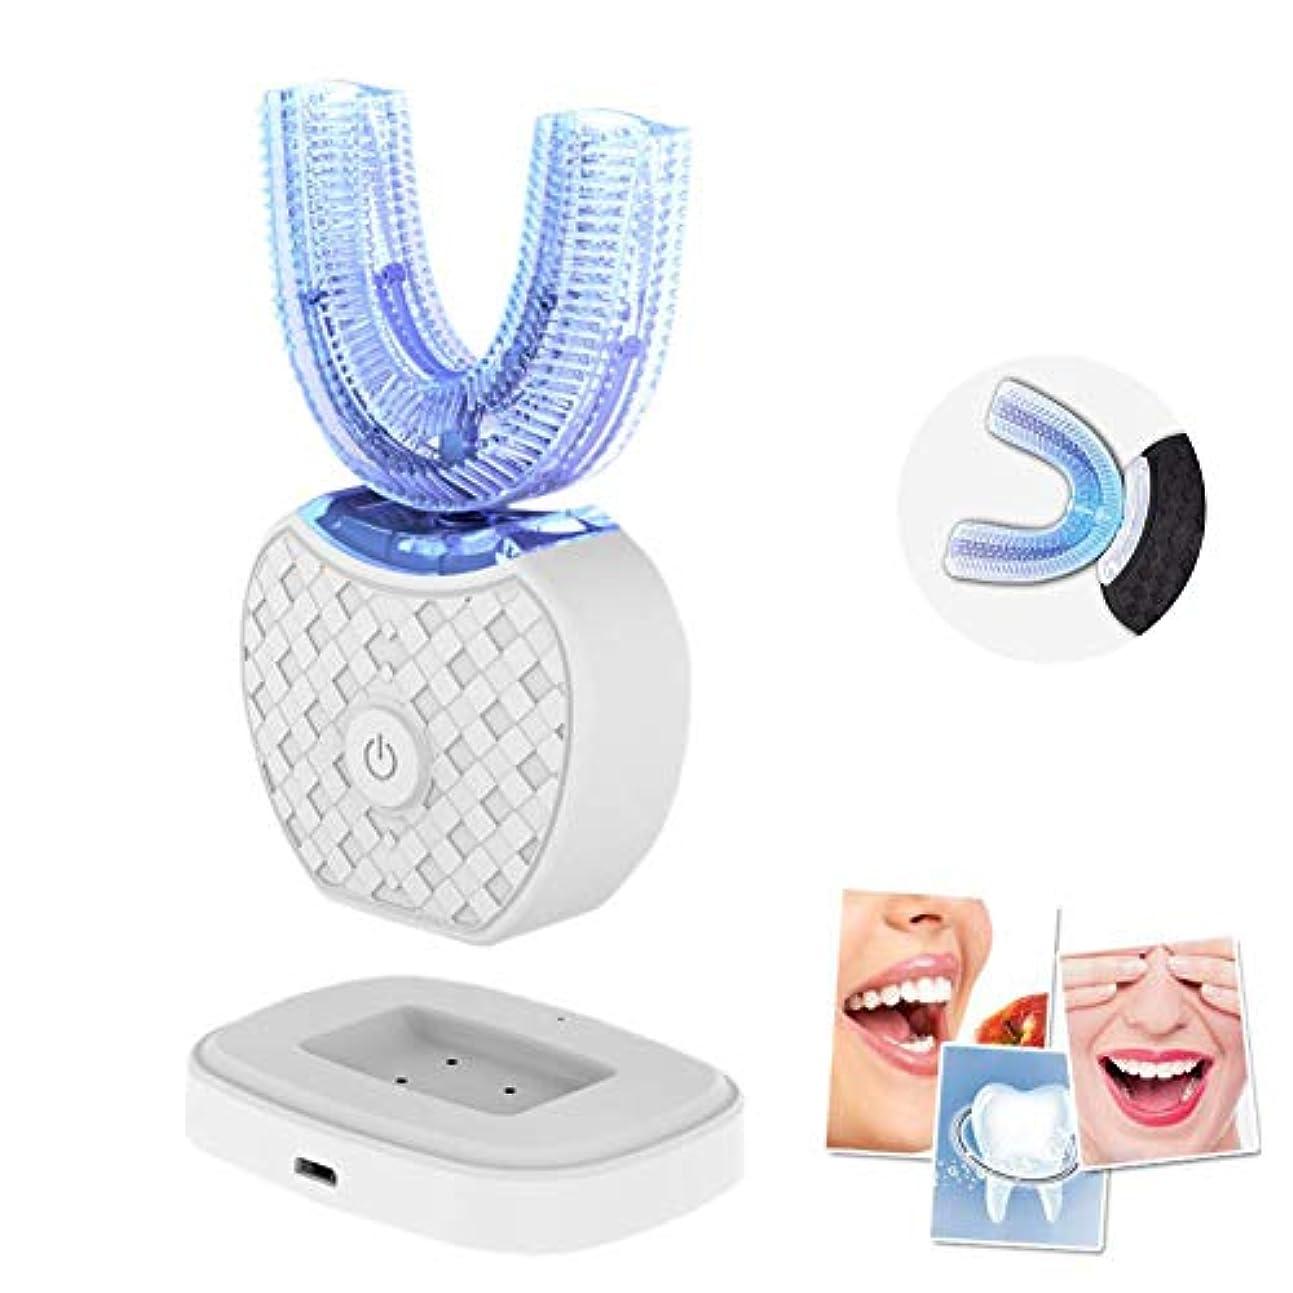 ケニア不合格覚えているスマート怠惰なシリコーン電動歯ブラシを360度ワイヤレス歯のクリーナーパーソナルケア、防水USB充電をホワイトニング